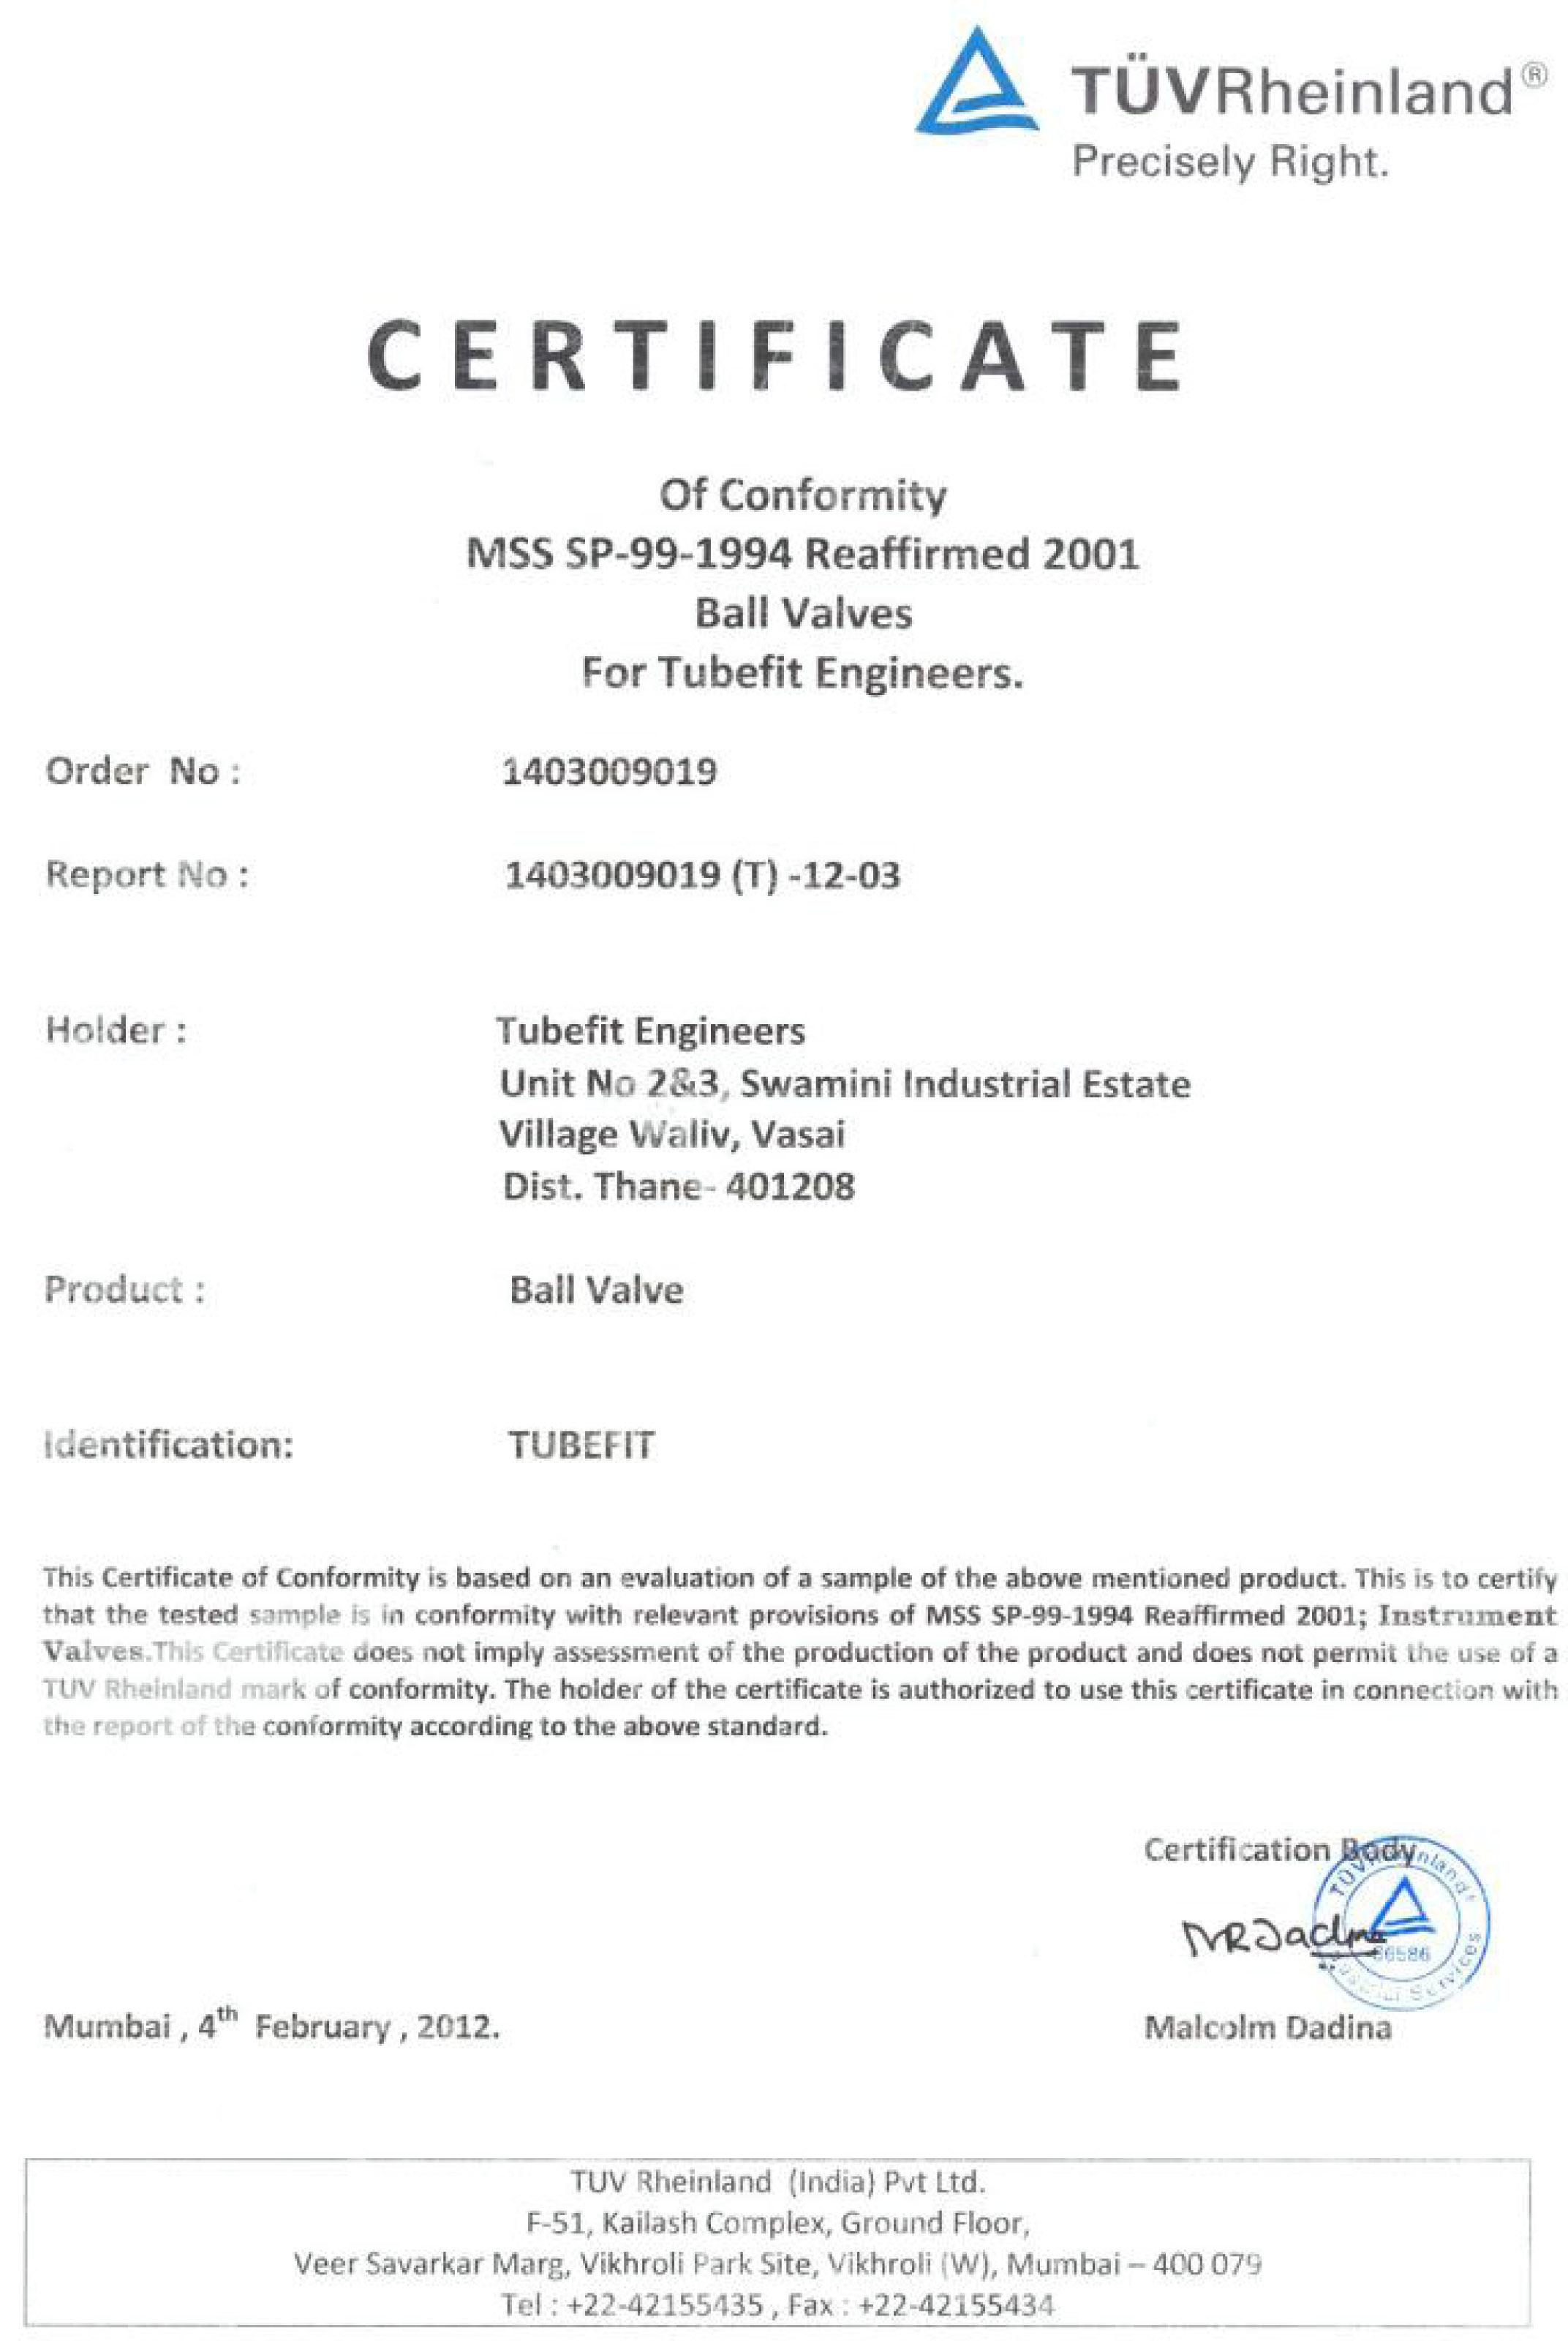 MSS SP-99-1994 Reaffirmed 2001 Ball Valves